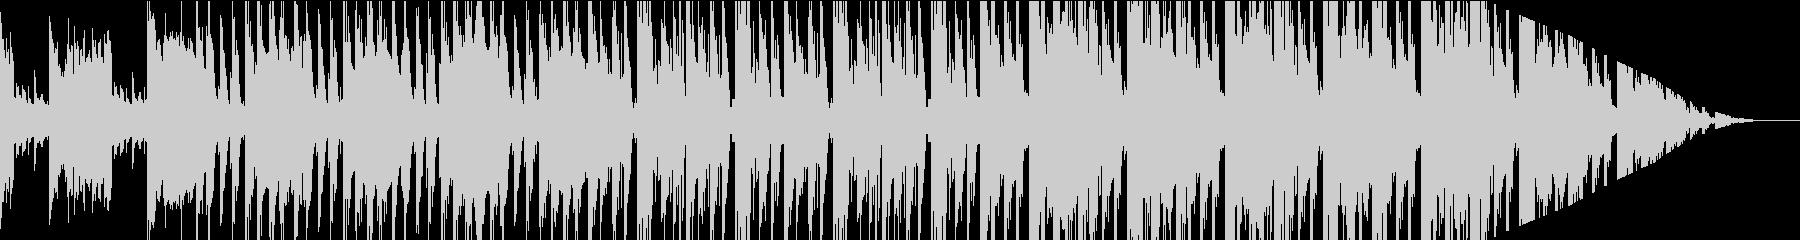 おしゃれなアコギが奏でる2ステップの未再生の波形